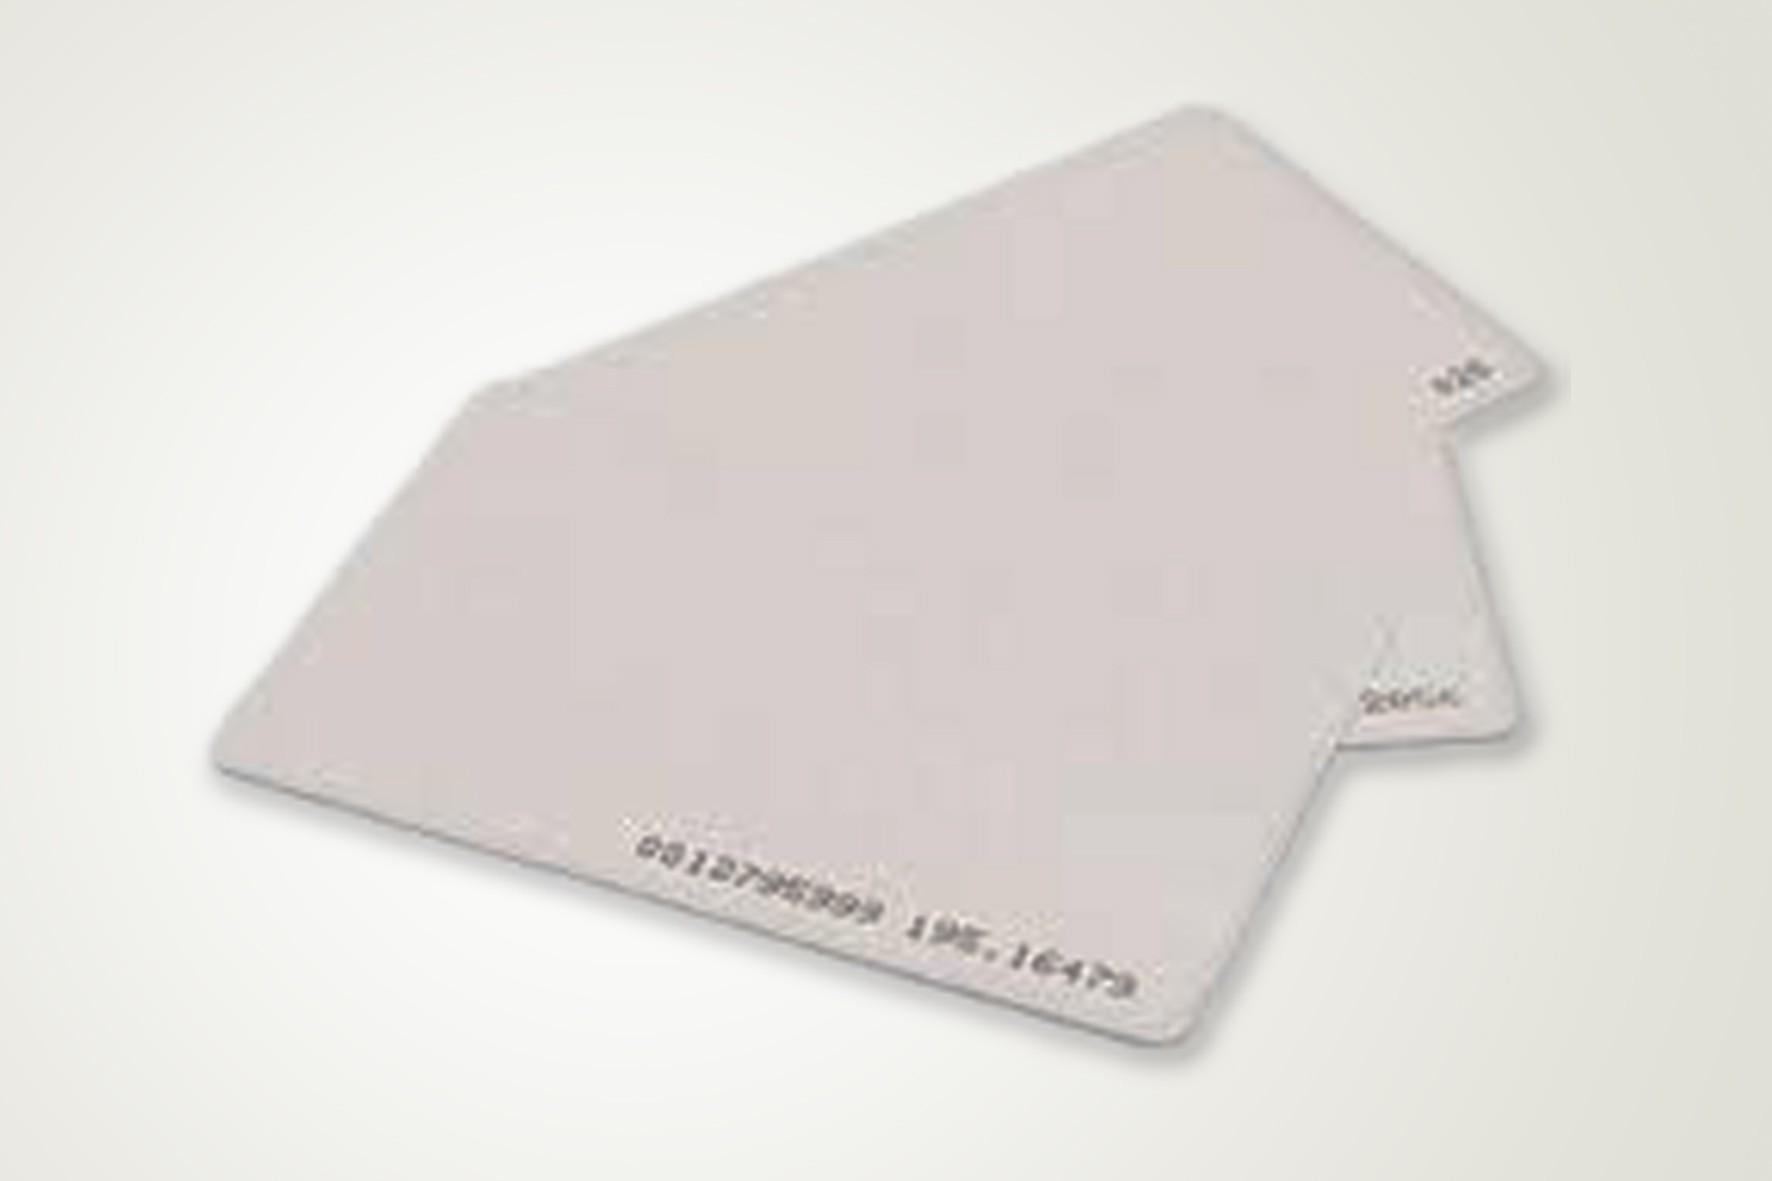 Carteirinha de Sócio em Capuava - Cartão de Associado